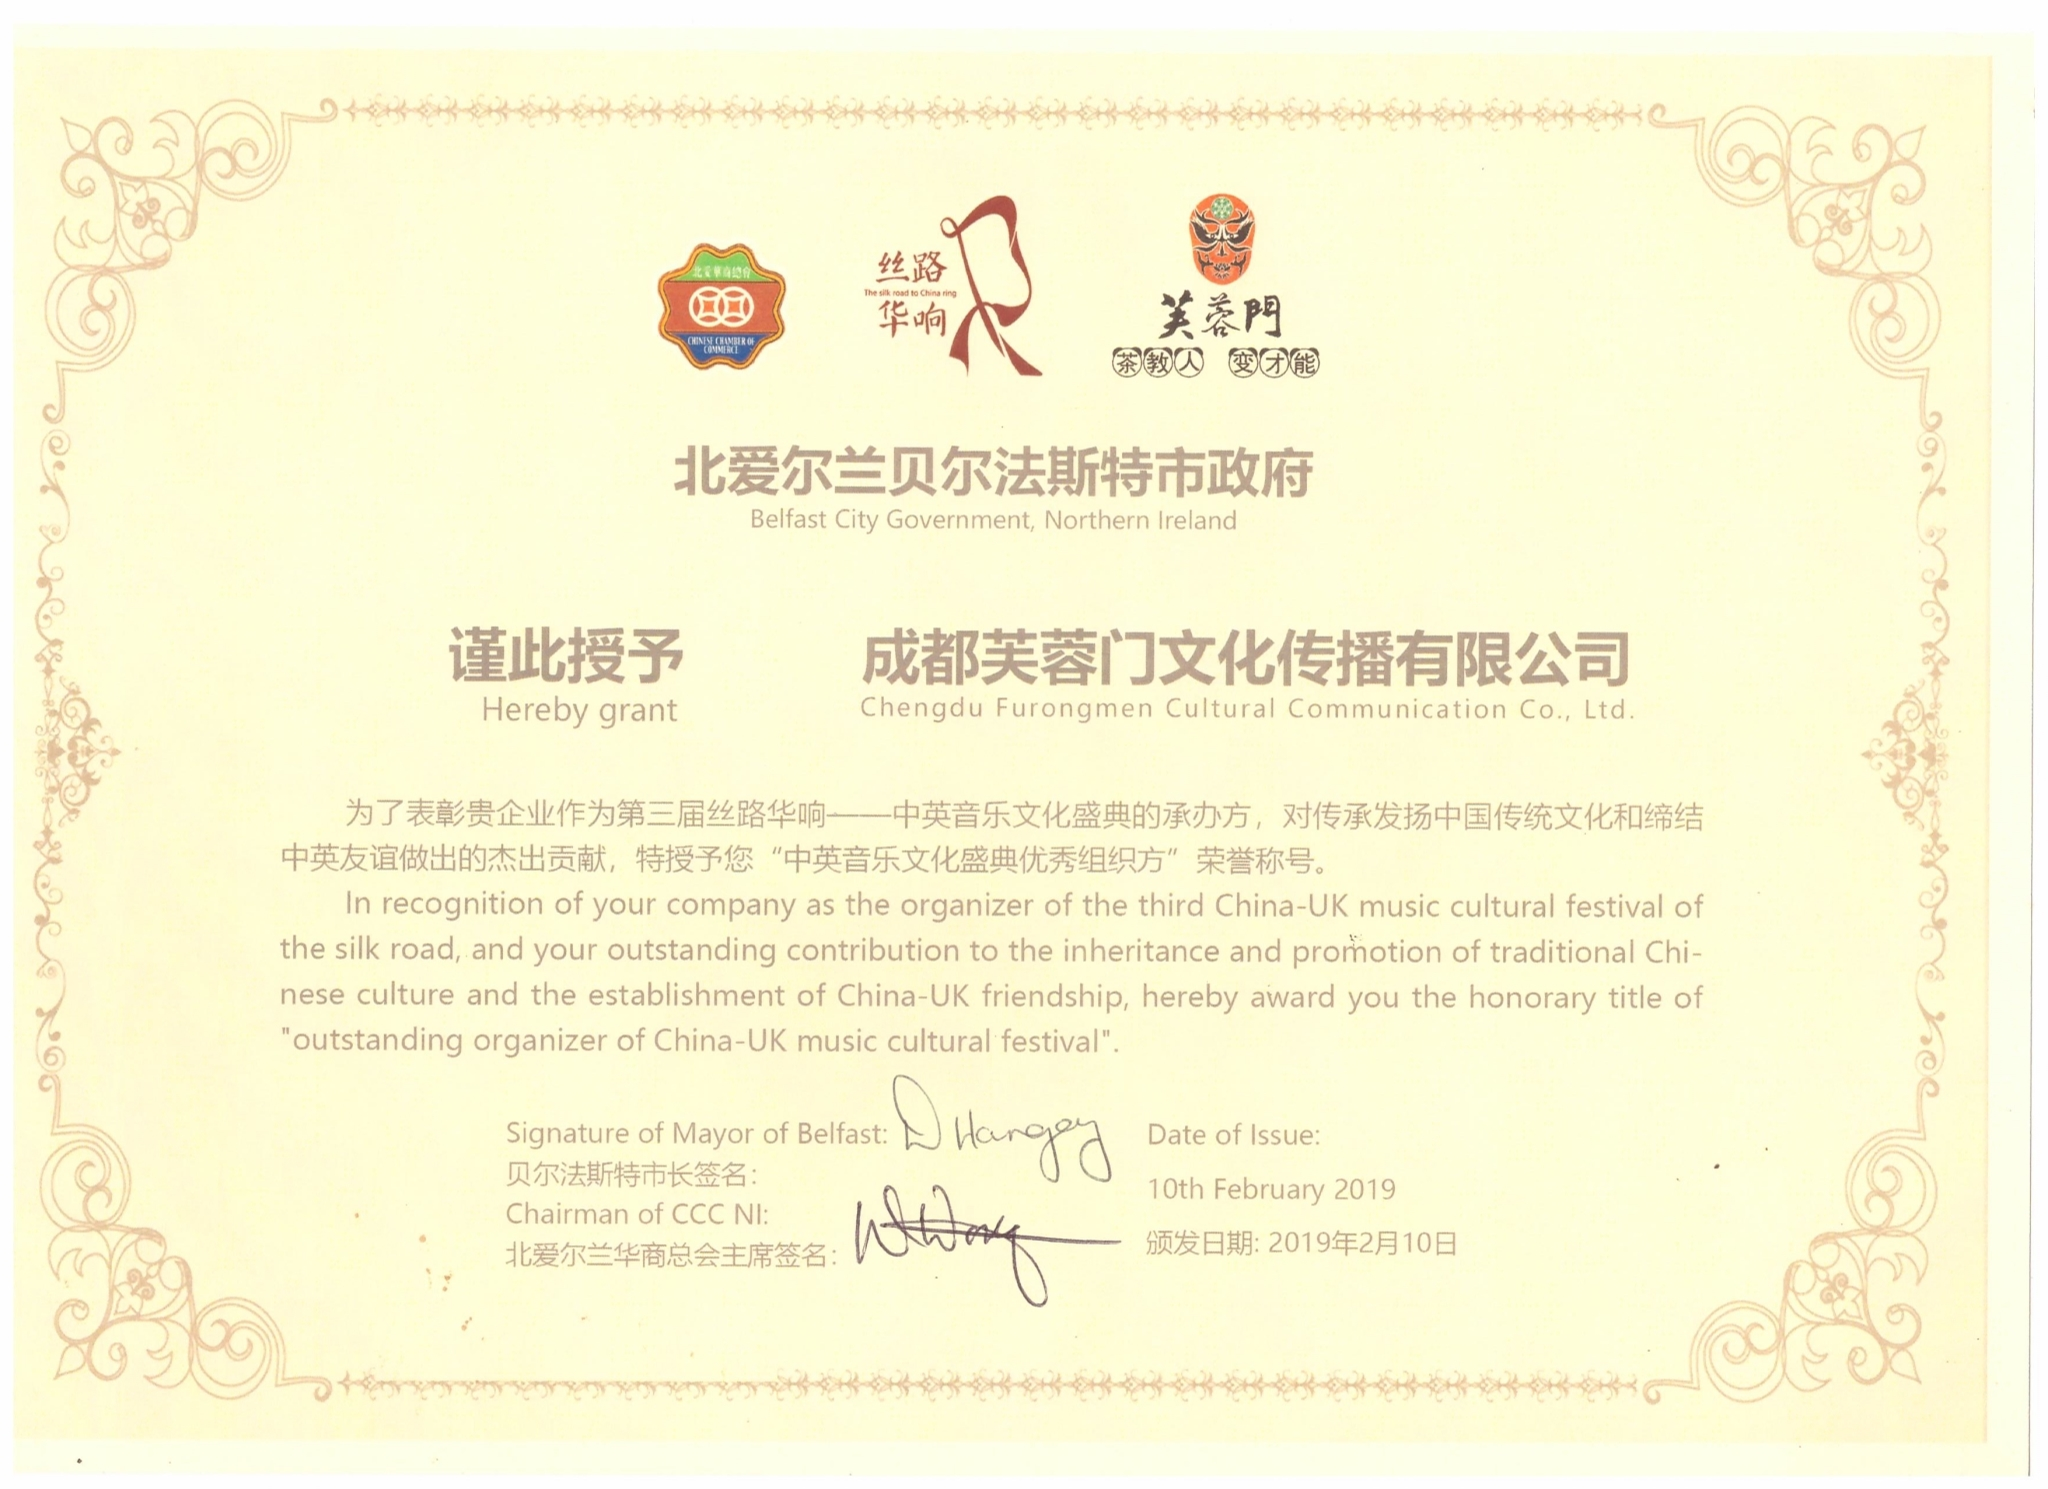 """成都芙蓉门文化传播有限公司荣获""""中英音乐文化盛典优秀组织方""""称号"""